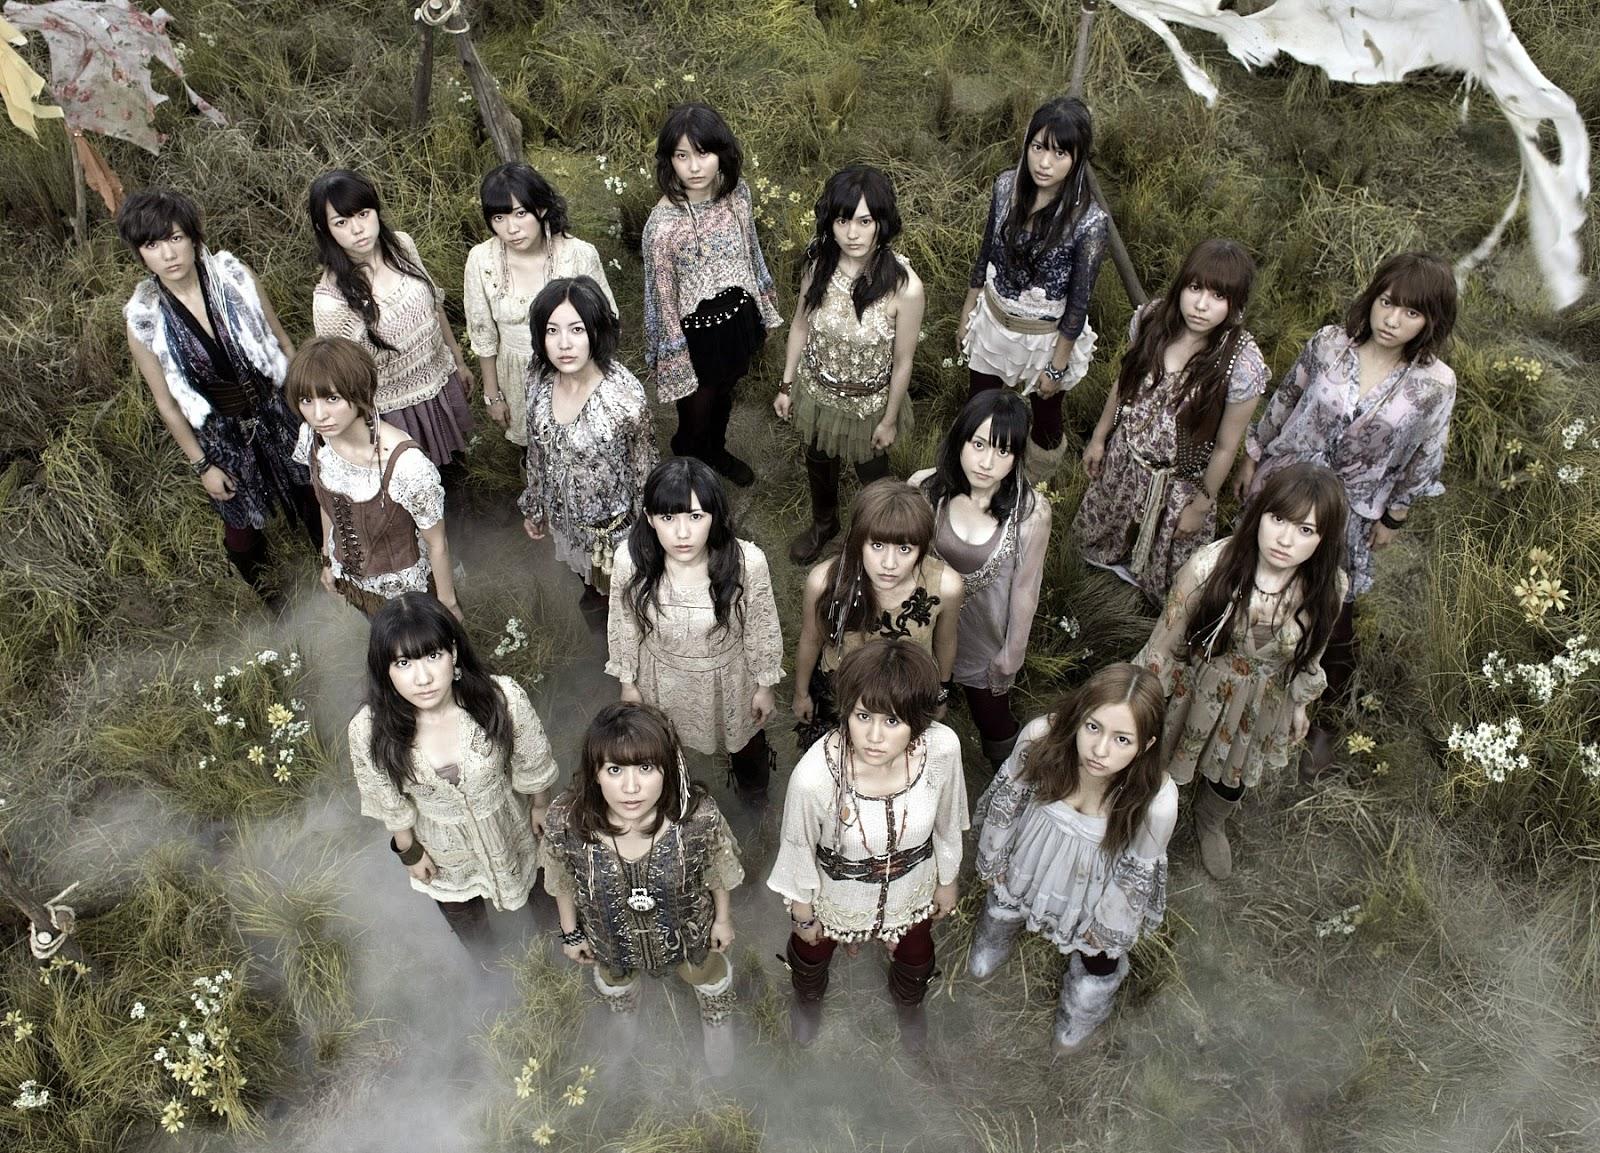 Lirik Dan Terjemahan Lagu AKB48 - Kaze Wa Fuiteiru